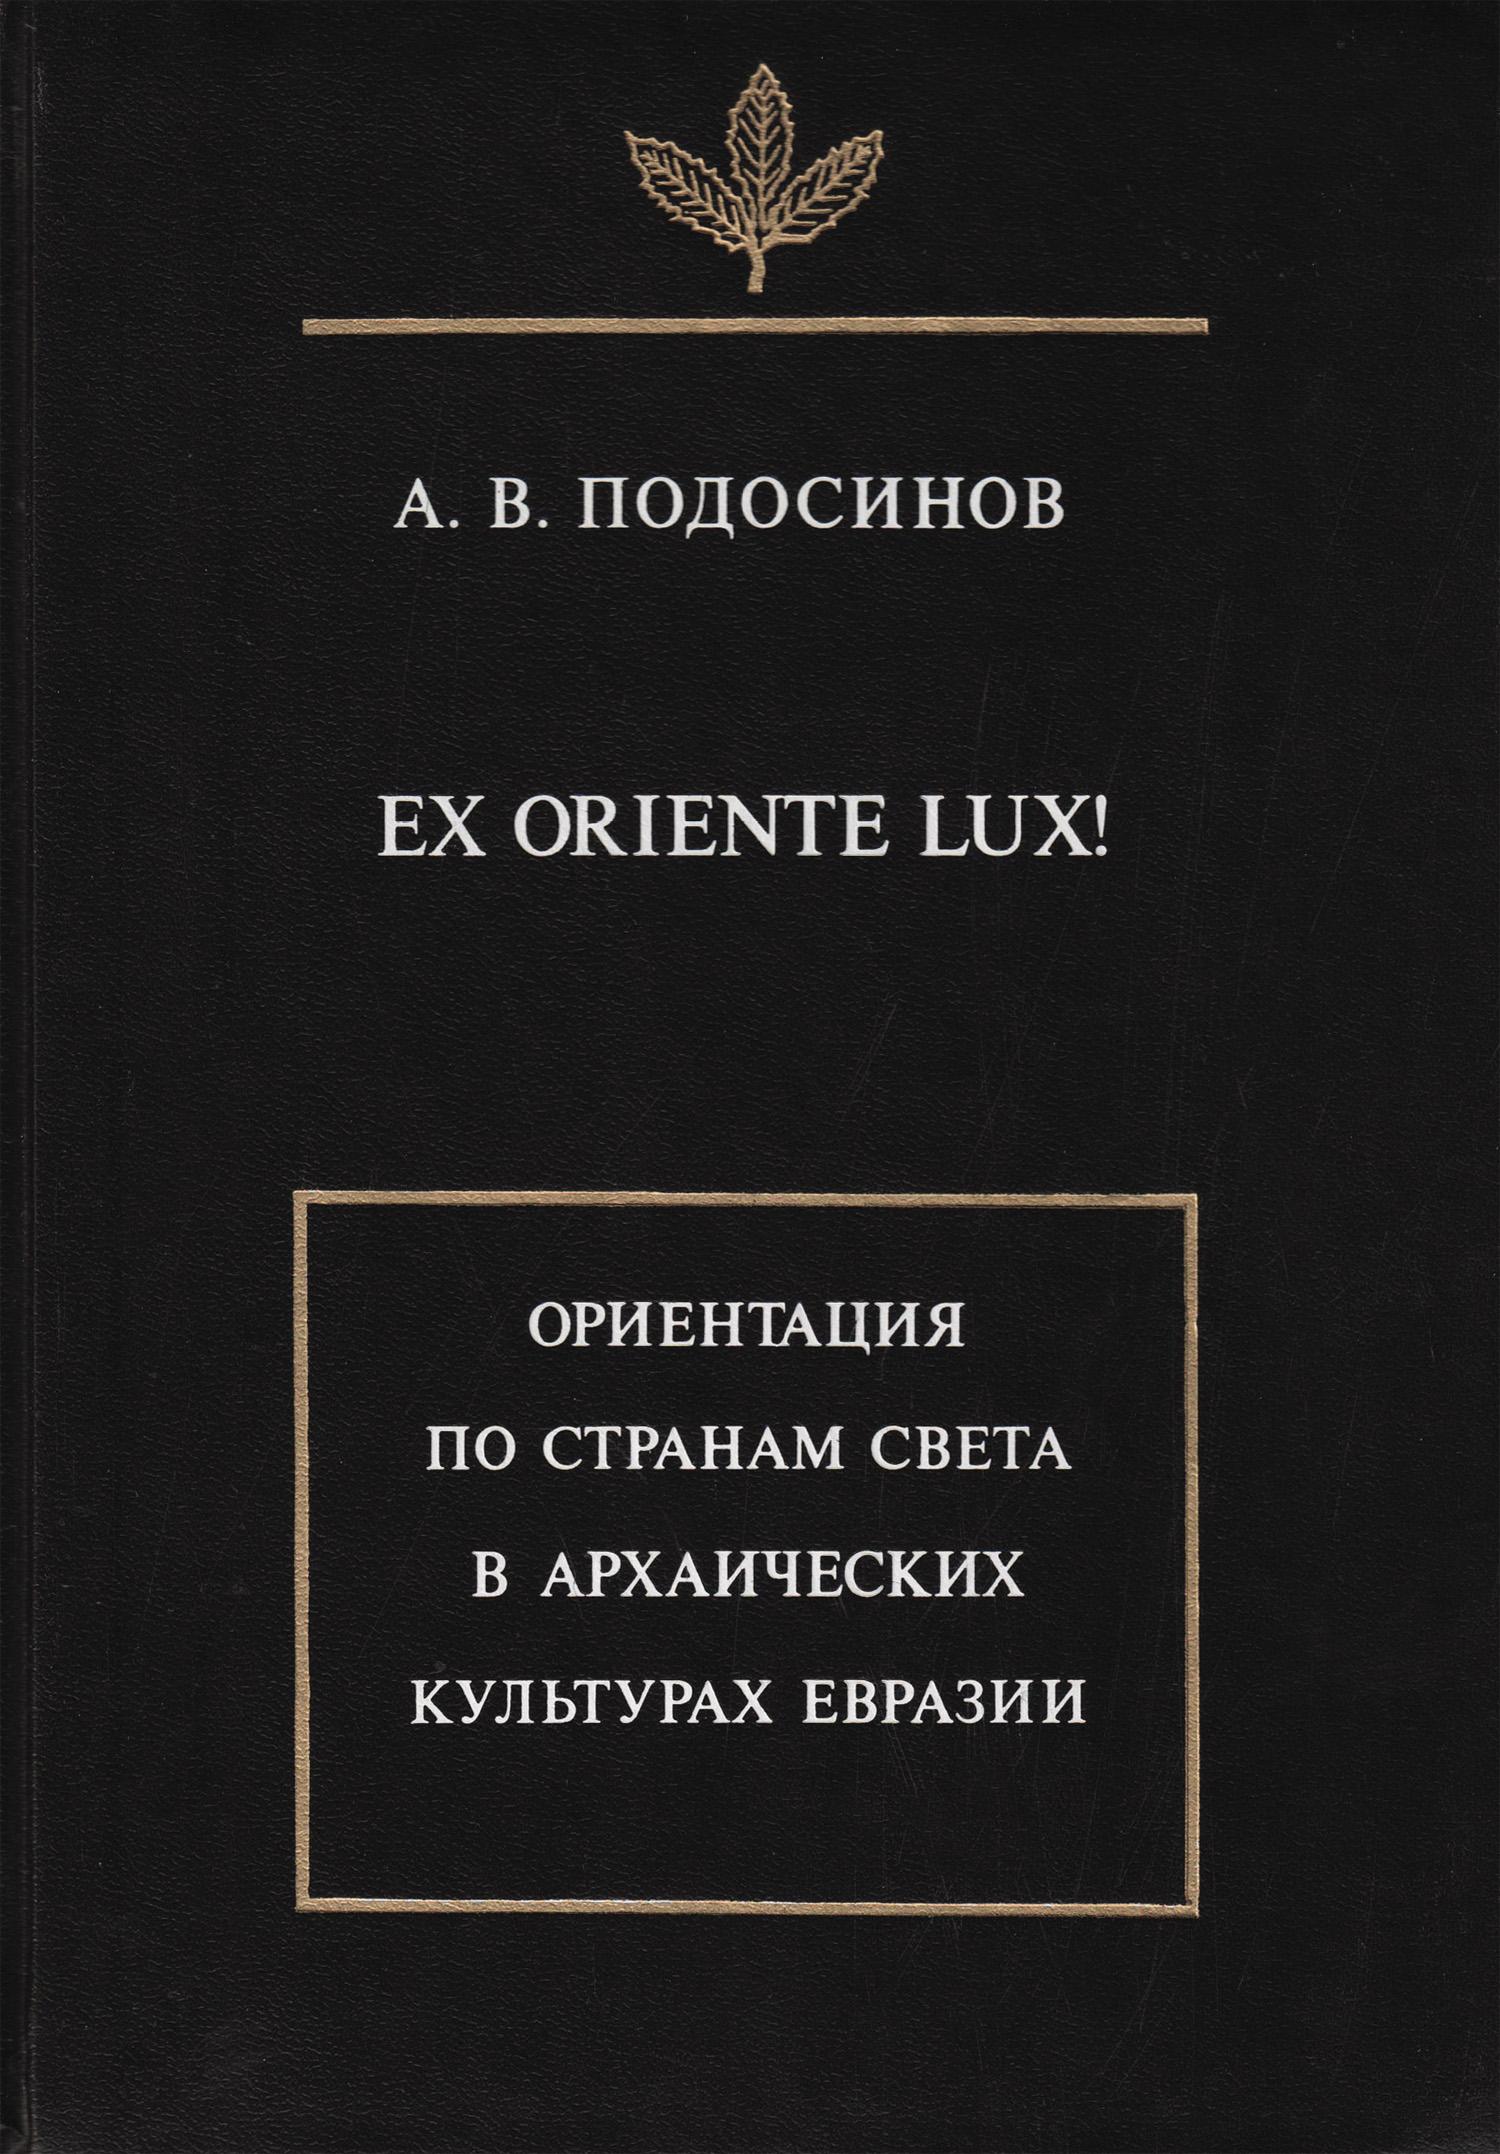 Ex oriente lux!Ориентация по странам света в архаических культурах Евразии